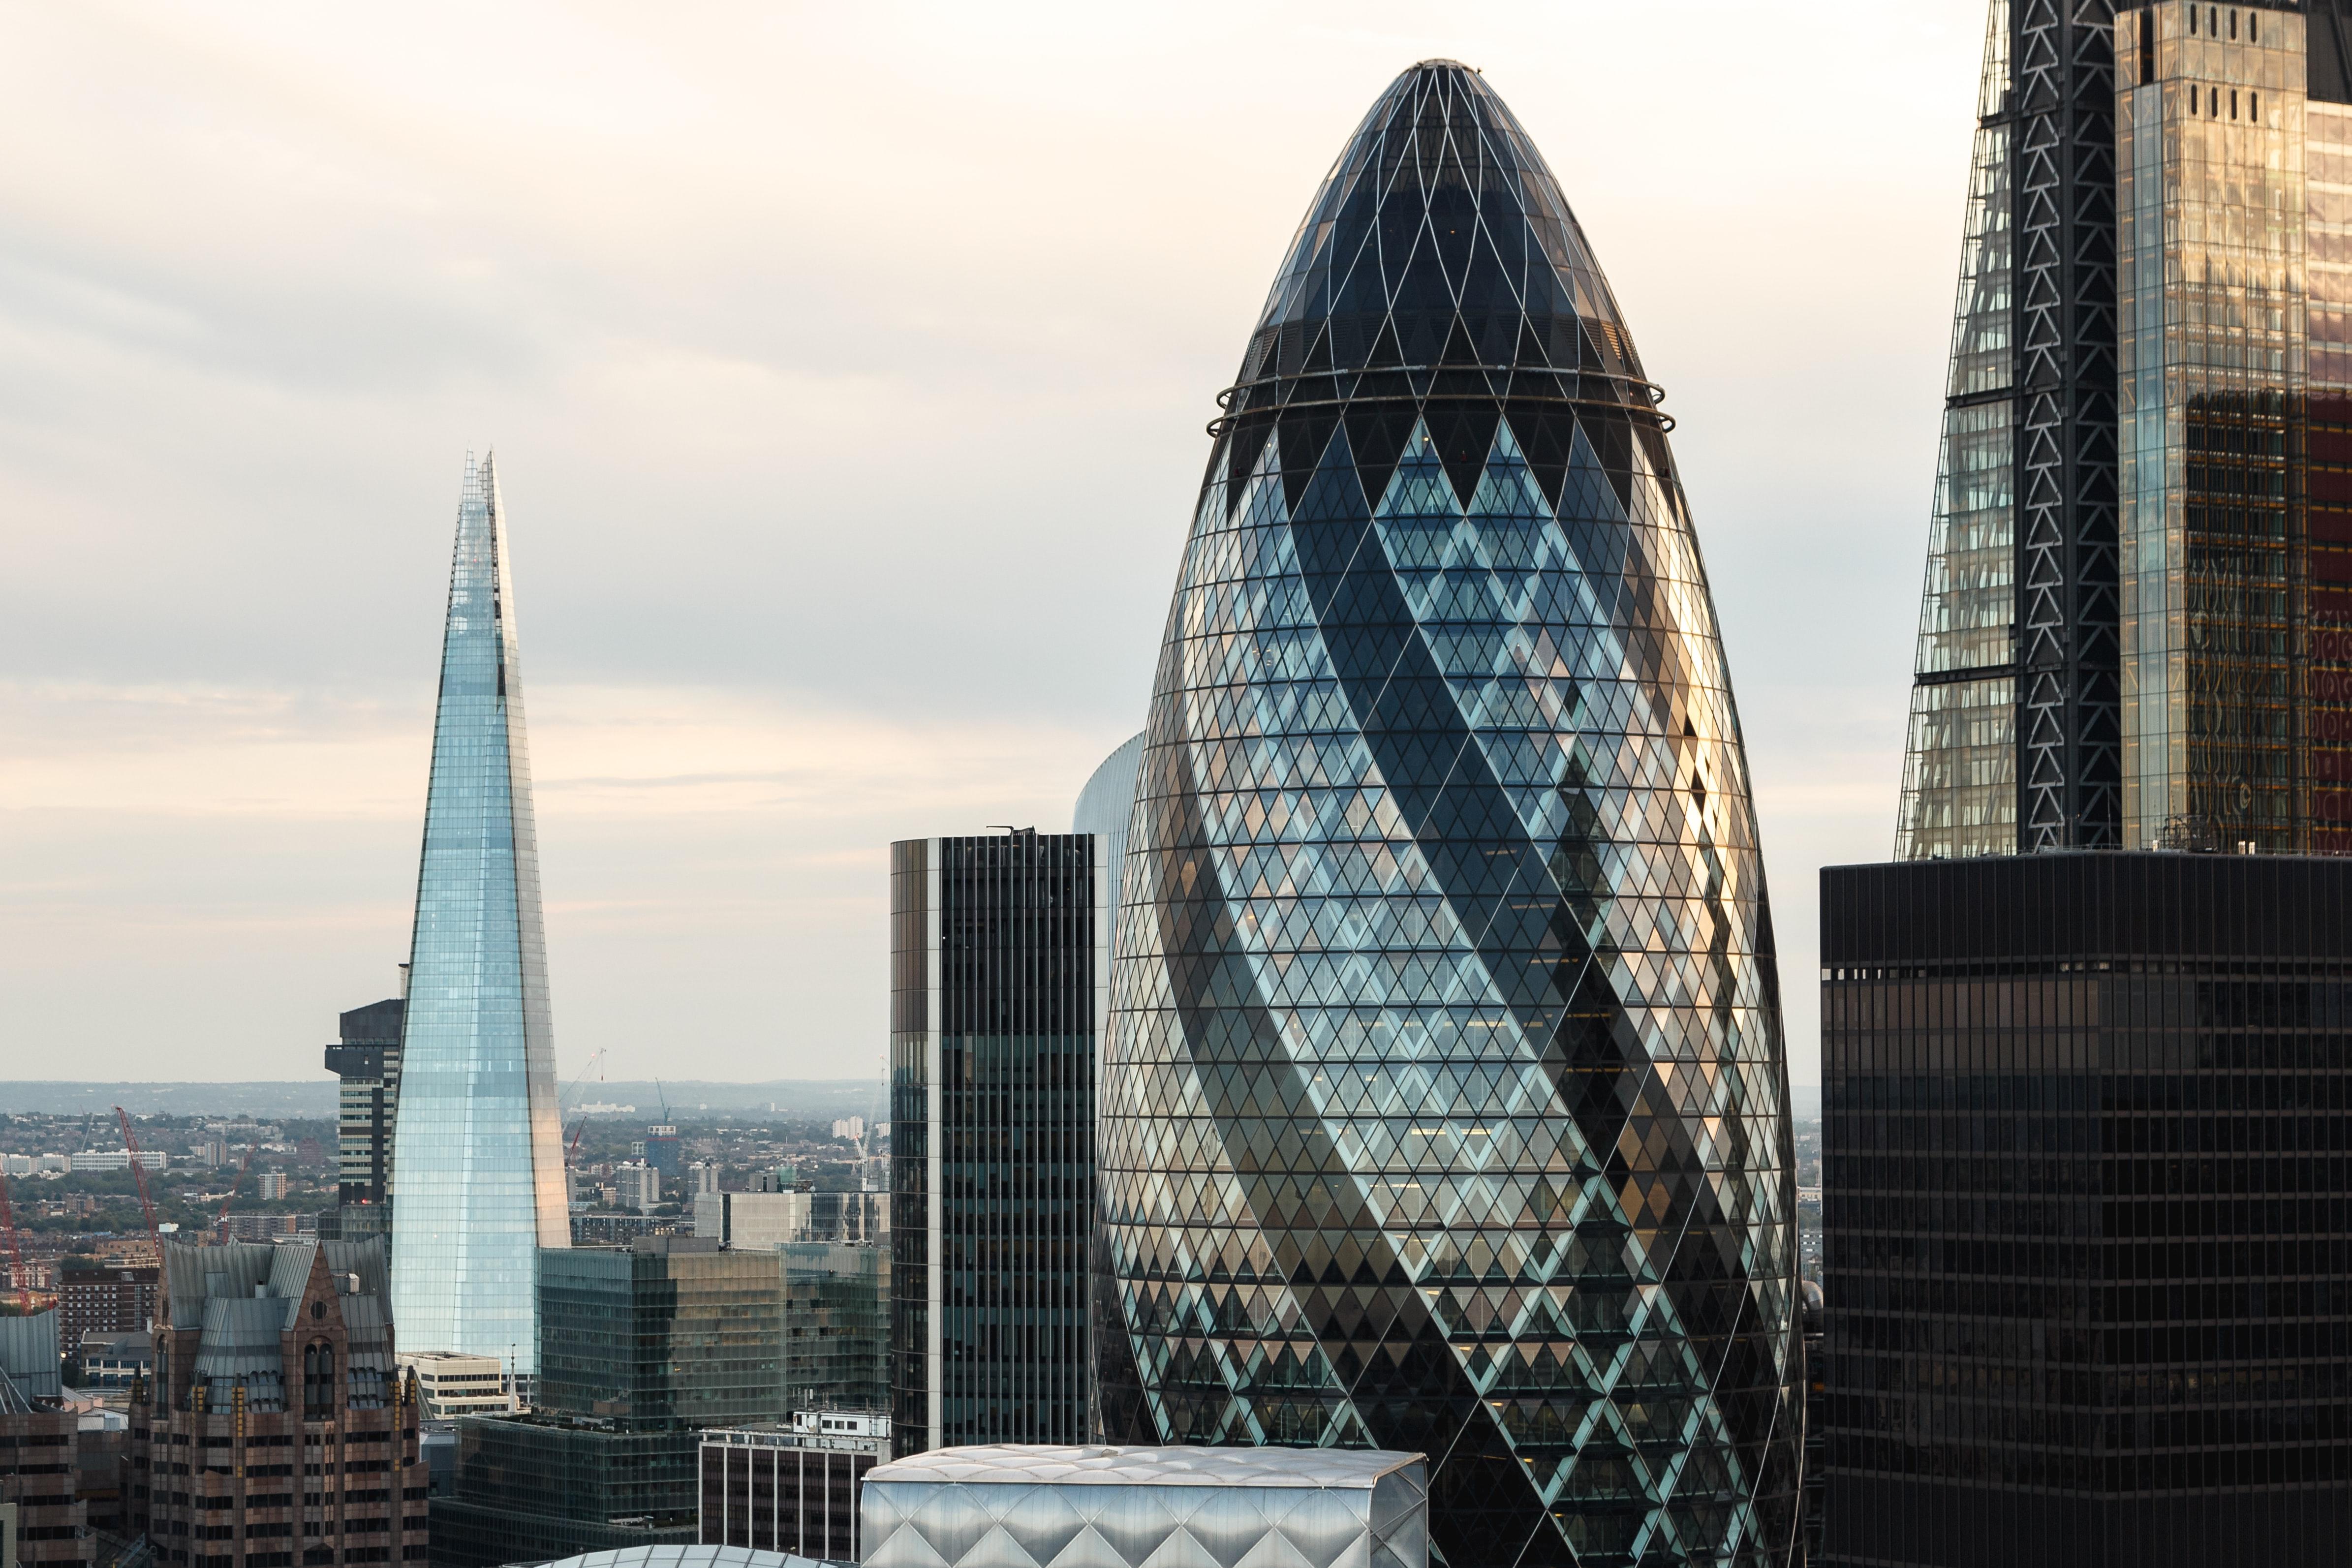 Из песочницы Как открыть компанию в UK, привлечь инвестиции и получить кэшбэк от государства?